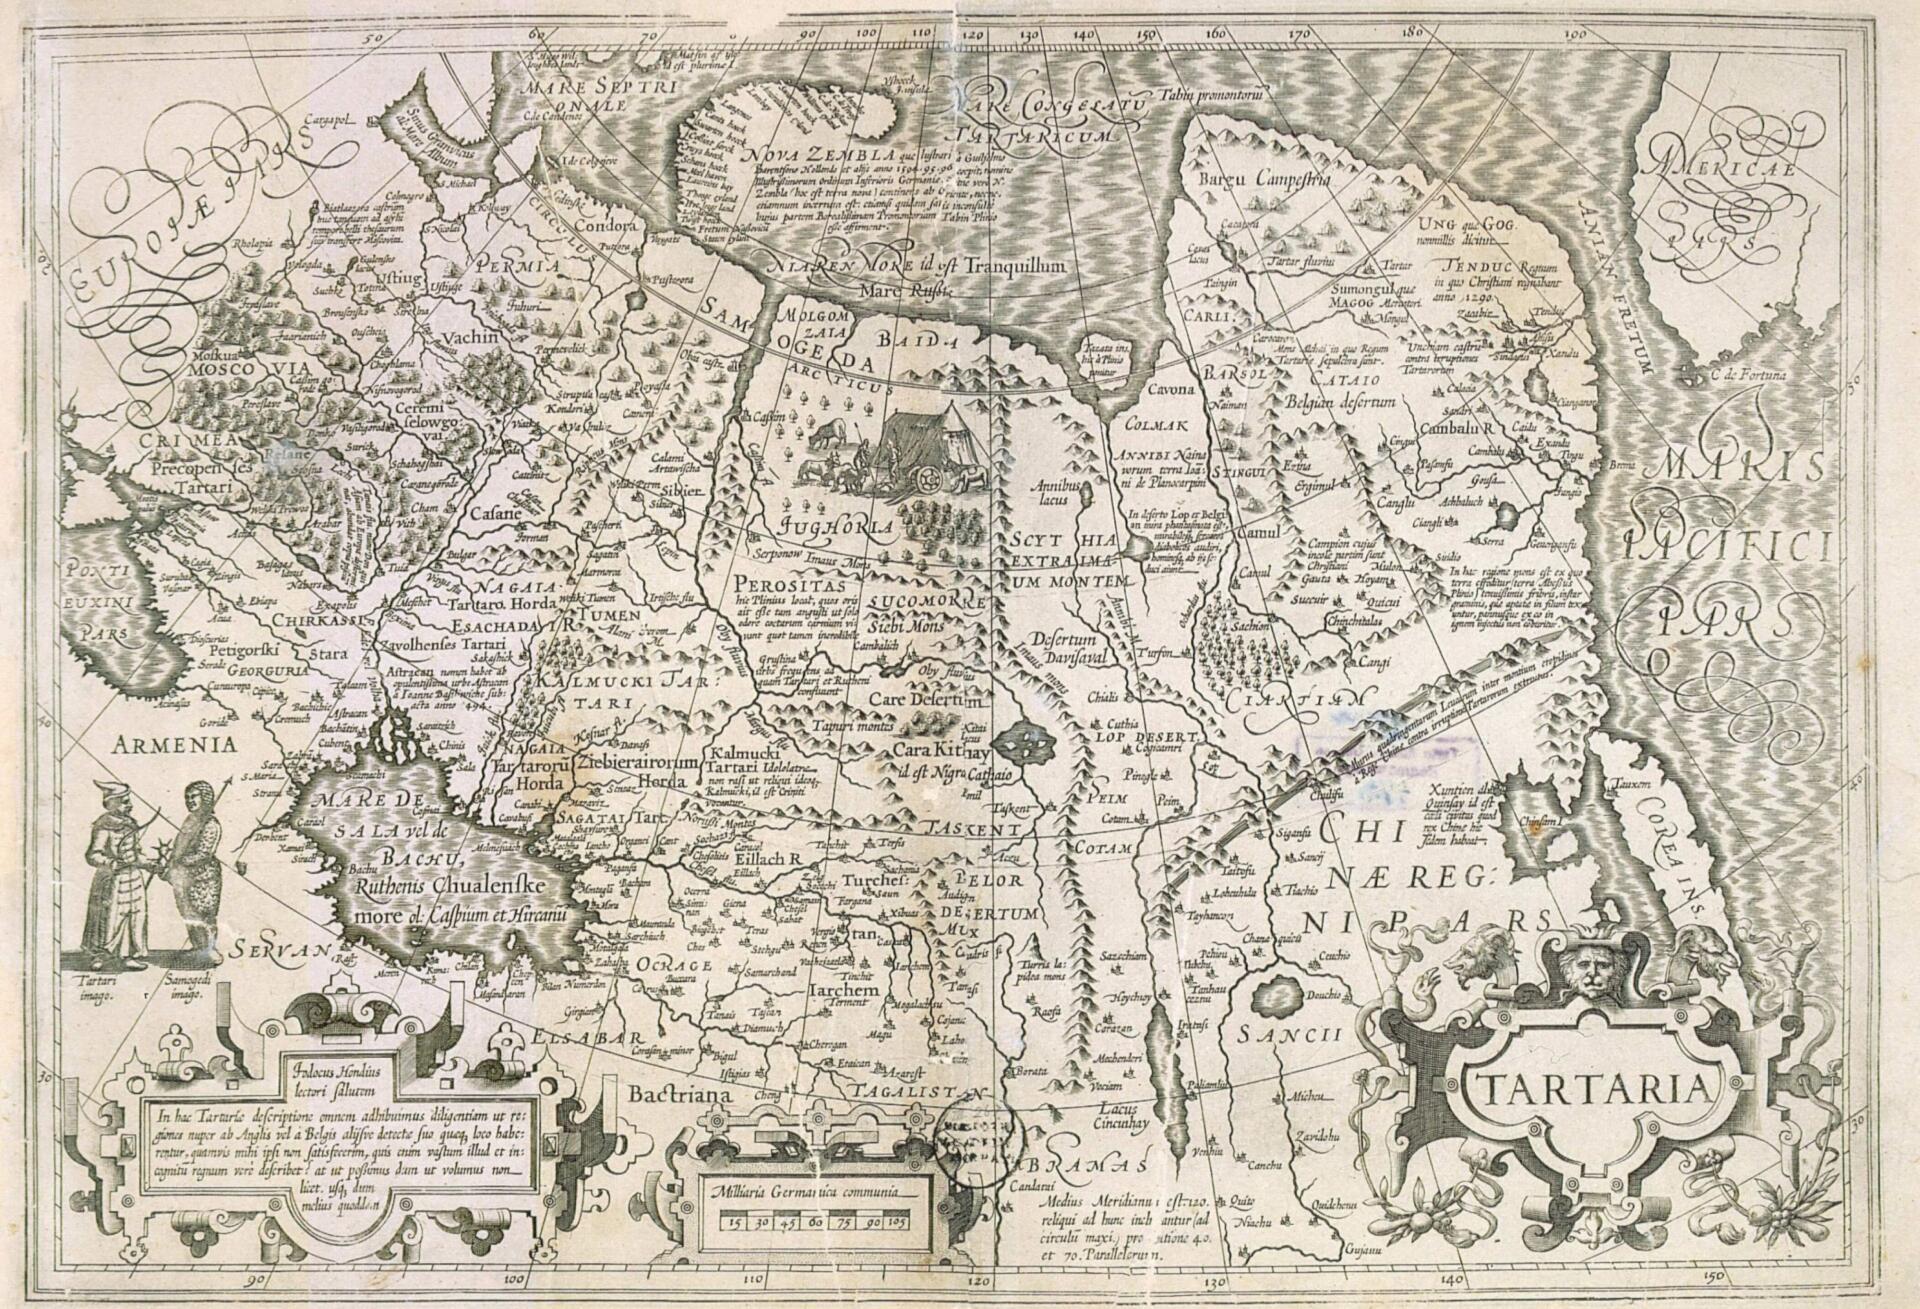 КартаТартарииЙодокуса Хондиуса